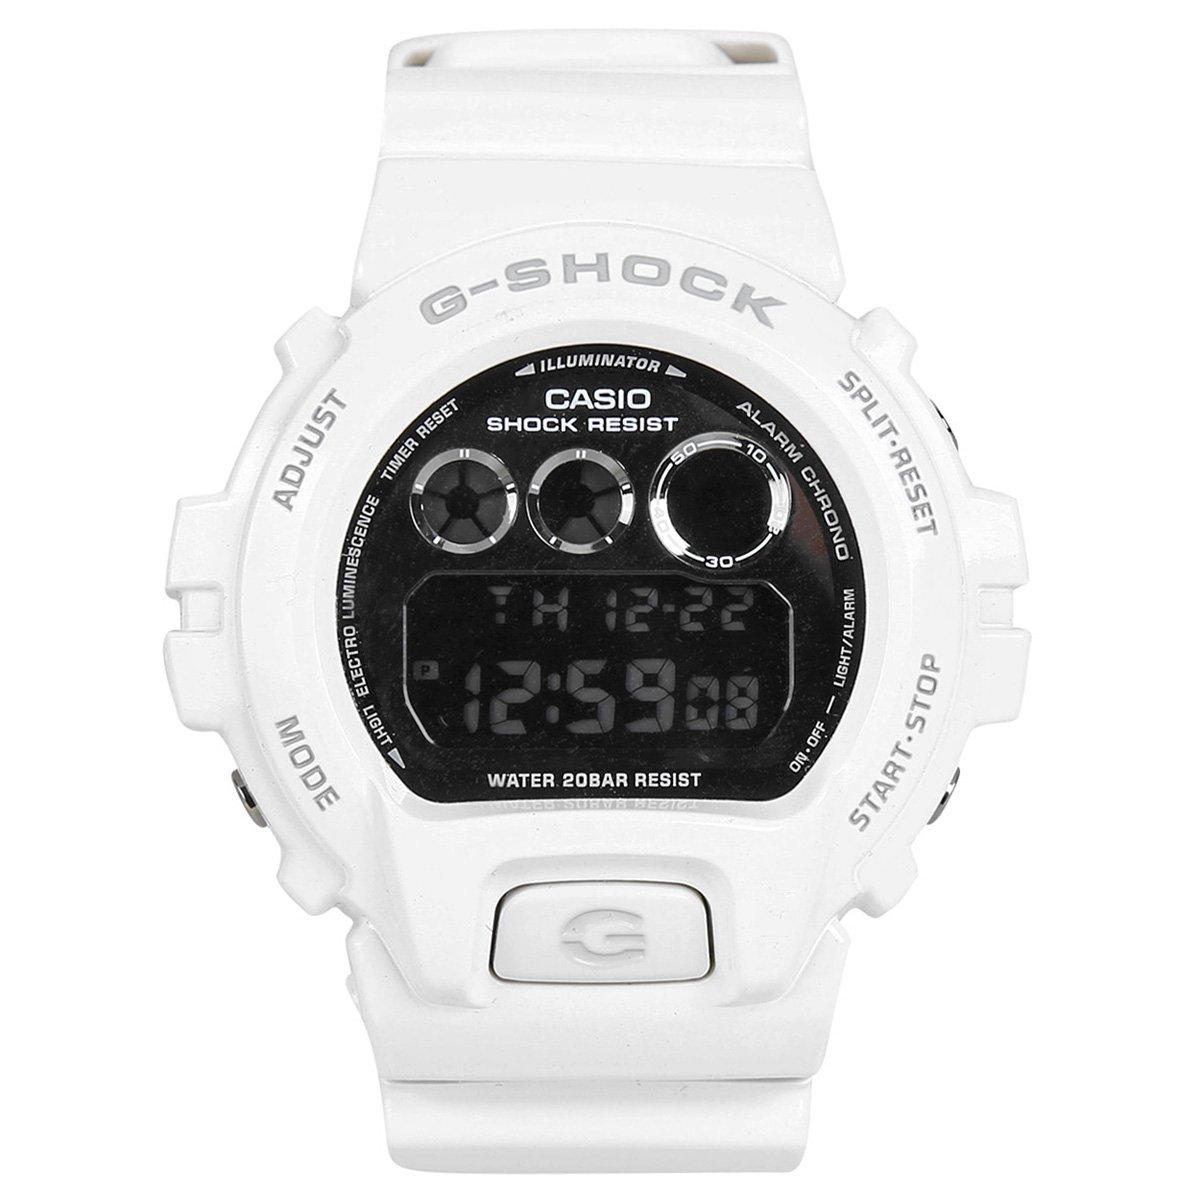 1eca70557eb Relógio G-Shock Digital DW-6900NB - Branco - Compre Agora